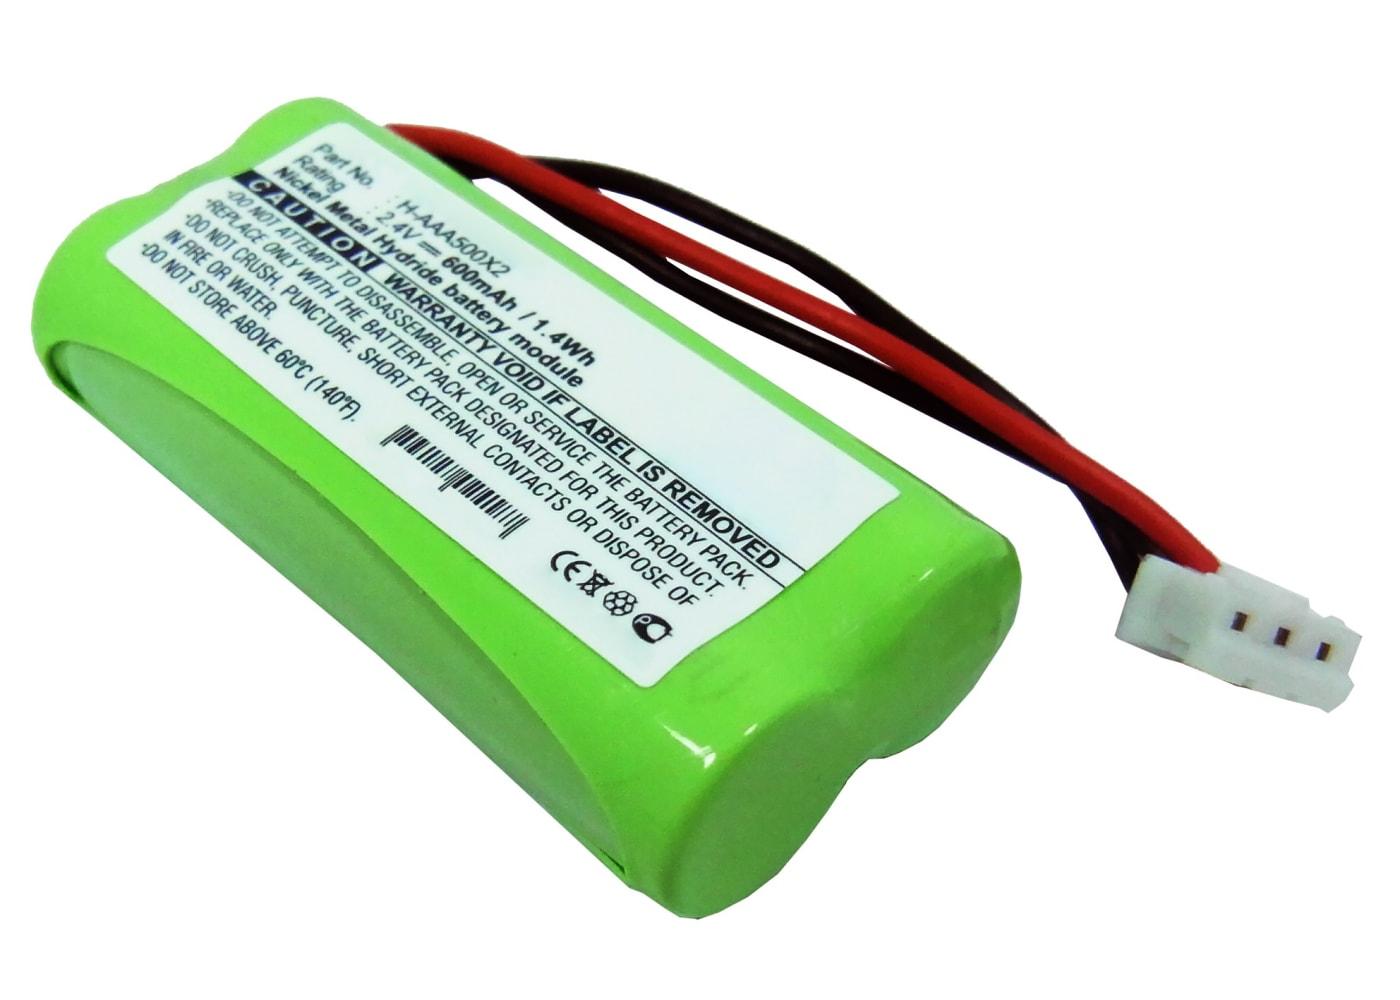 Batterij voor huistelefoon Philips Aleor 300 (Duo, Vox), Kala 300 (Duo, Vox), Xalio 300 (Duo, Vox, DECT), Zenia 300, Kala 3322 - 60AAAH2BMX,T356,T372 600mAh vervangende accu